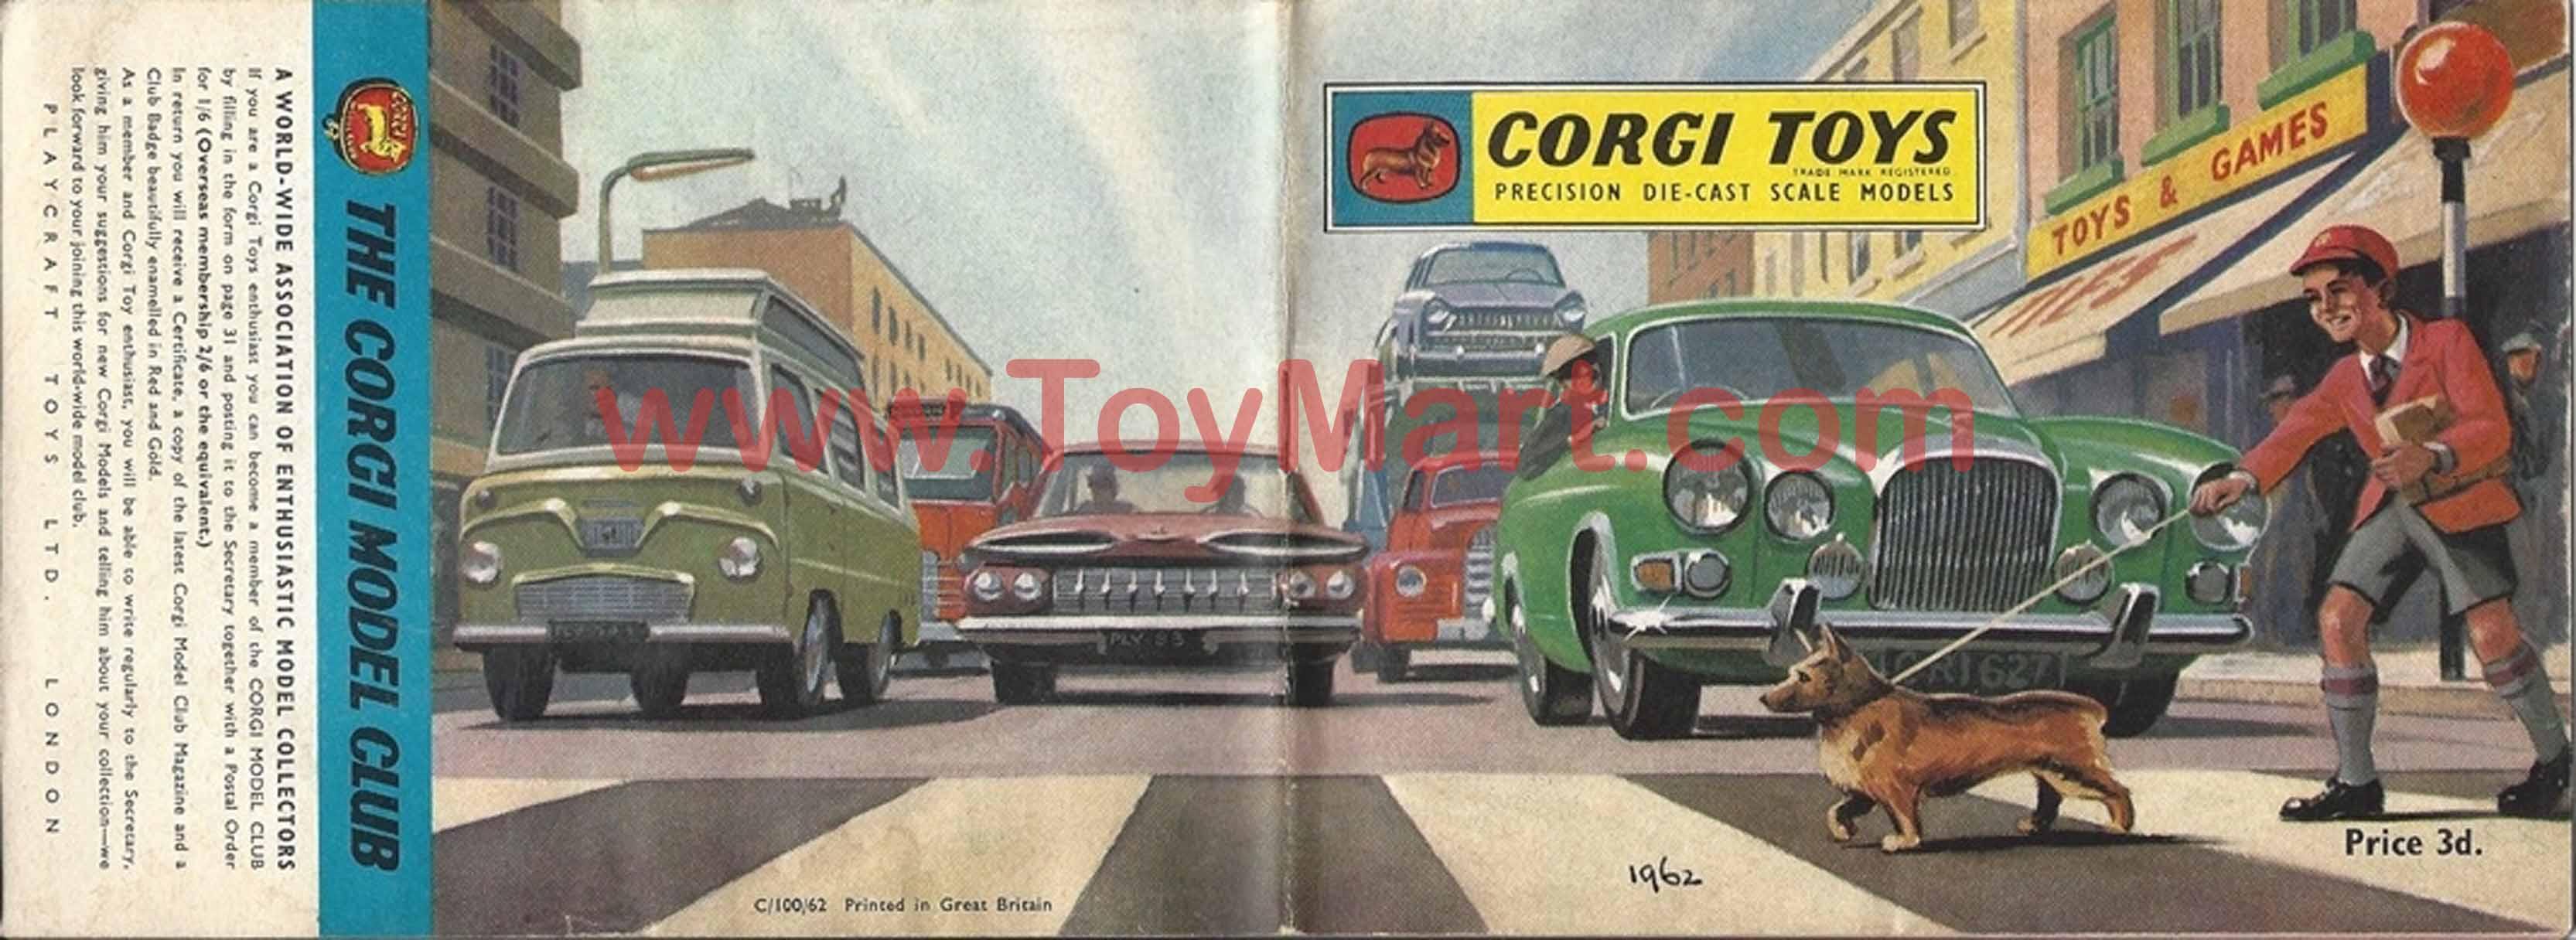 Corgi Toys Catalogue 1963 - Red Cover: toymart.com/catalogues_corgi_1963_red.php